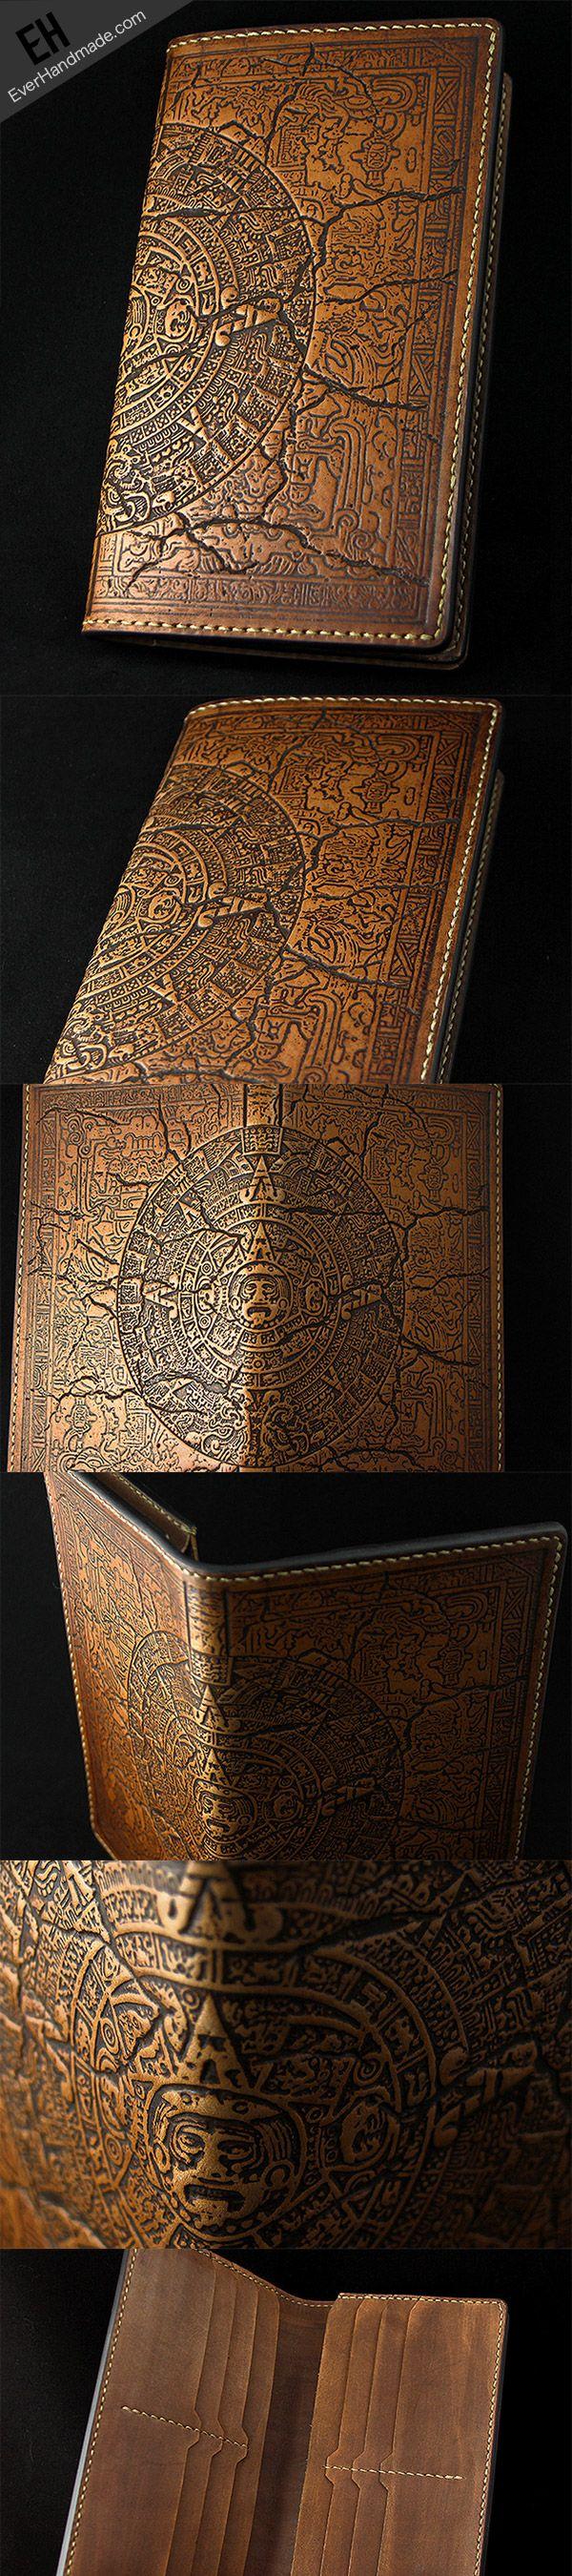 El calendario maya en la billetera para recordar cuándo se acaba el dinero... digo el mundo.